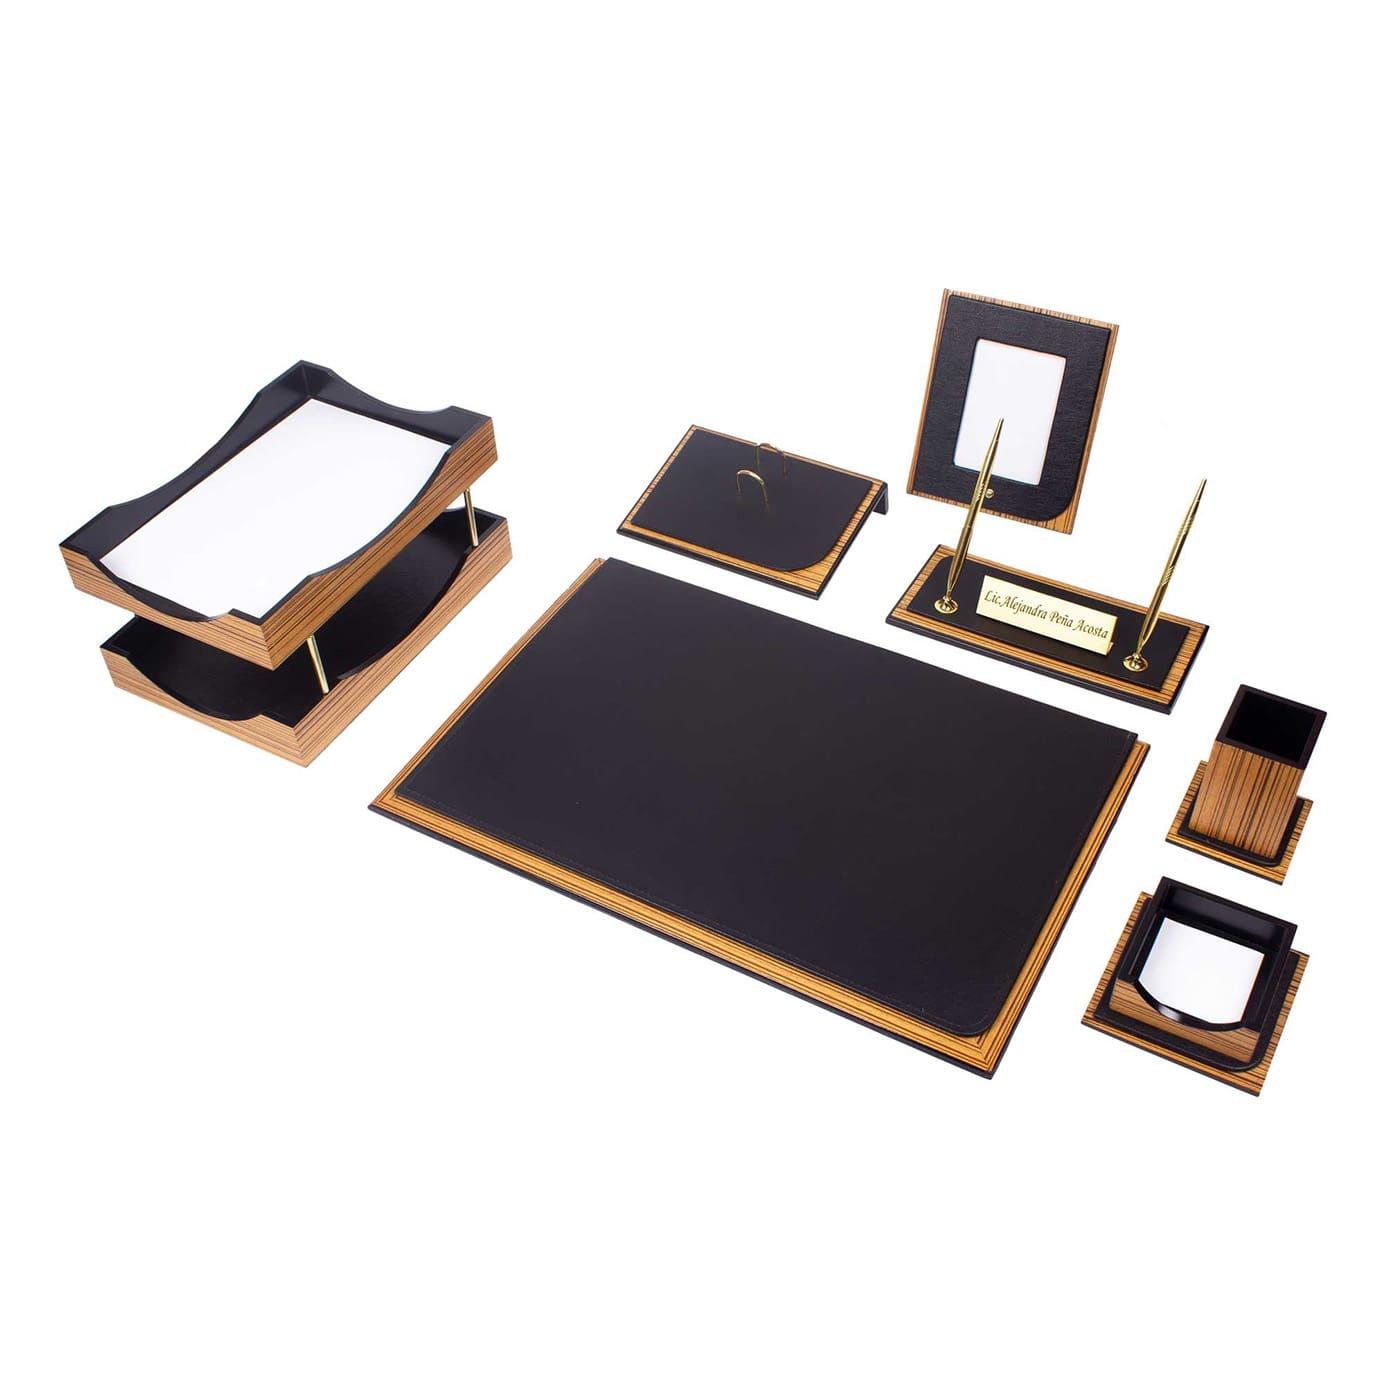 Galaksi Lux Desk Set 10 Pieces